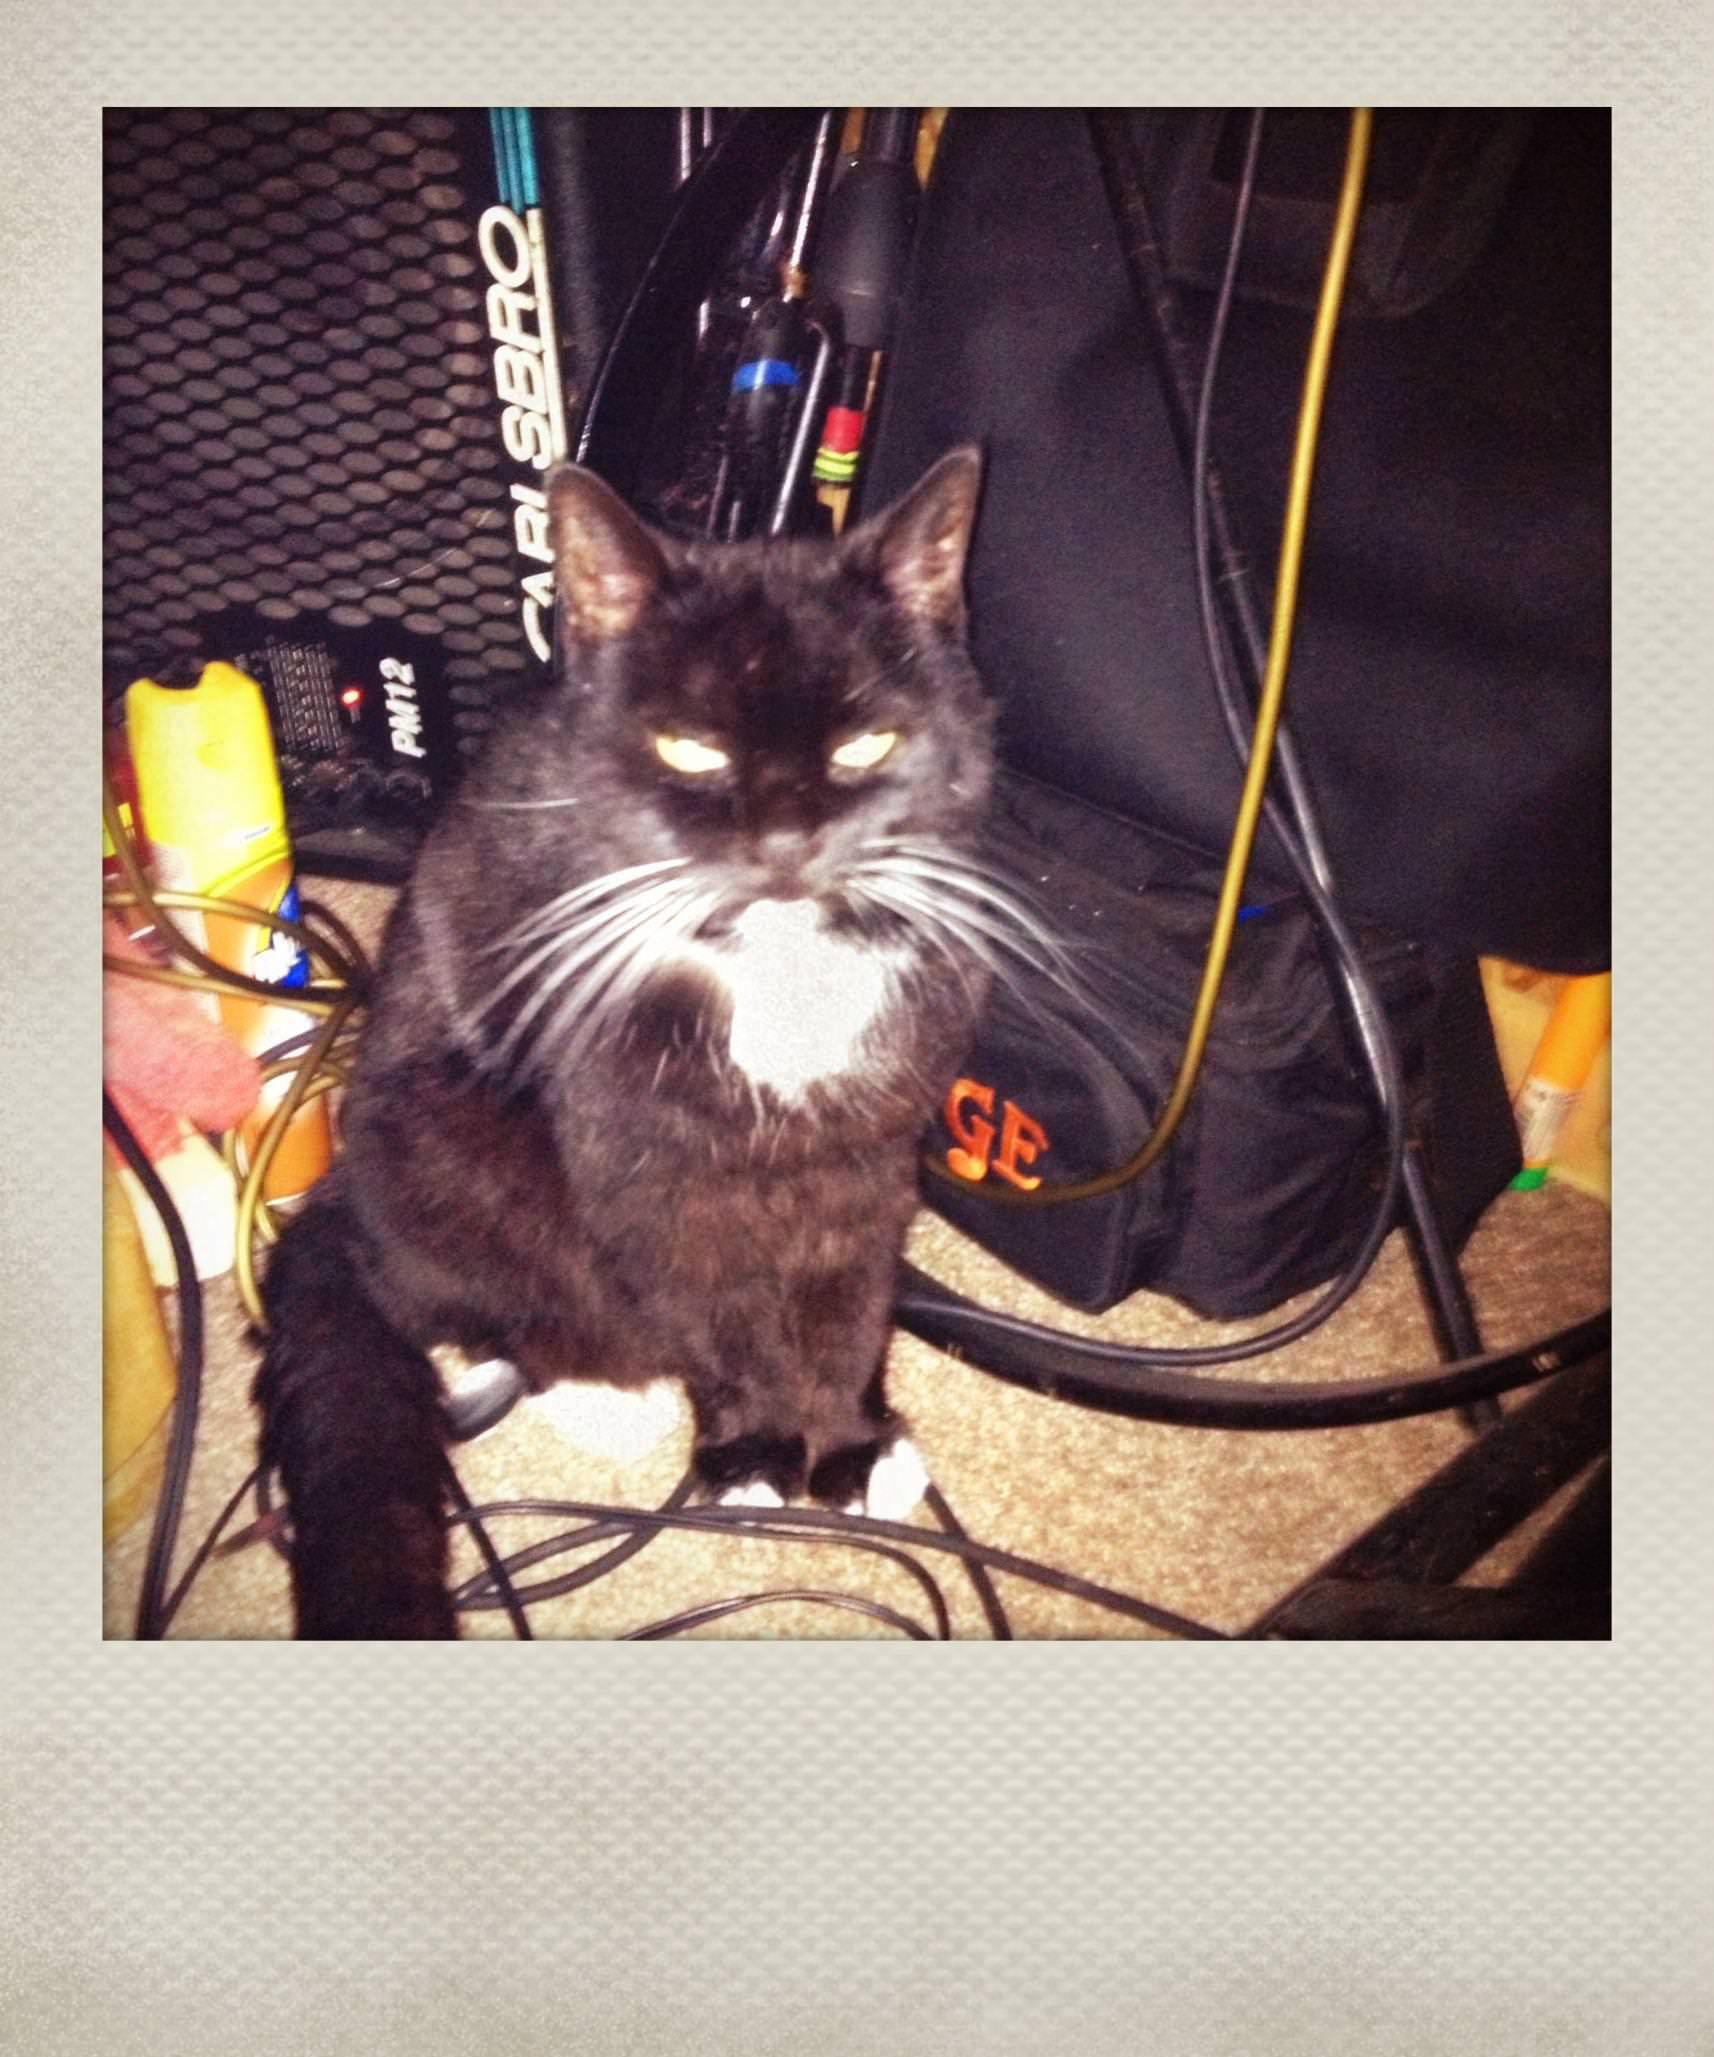 Sigmund, RIP 2001-2104